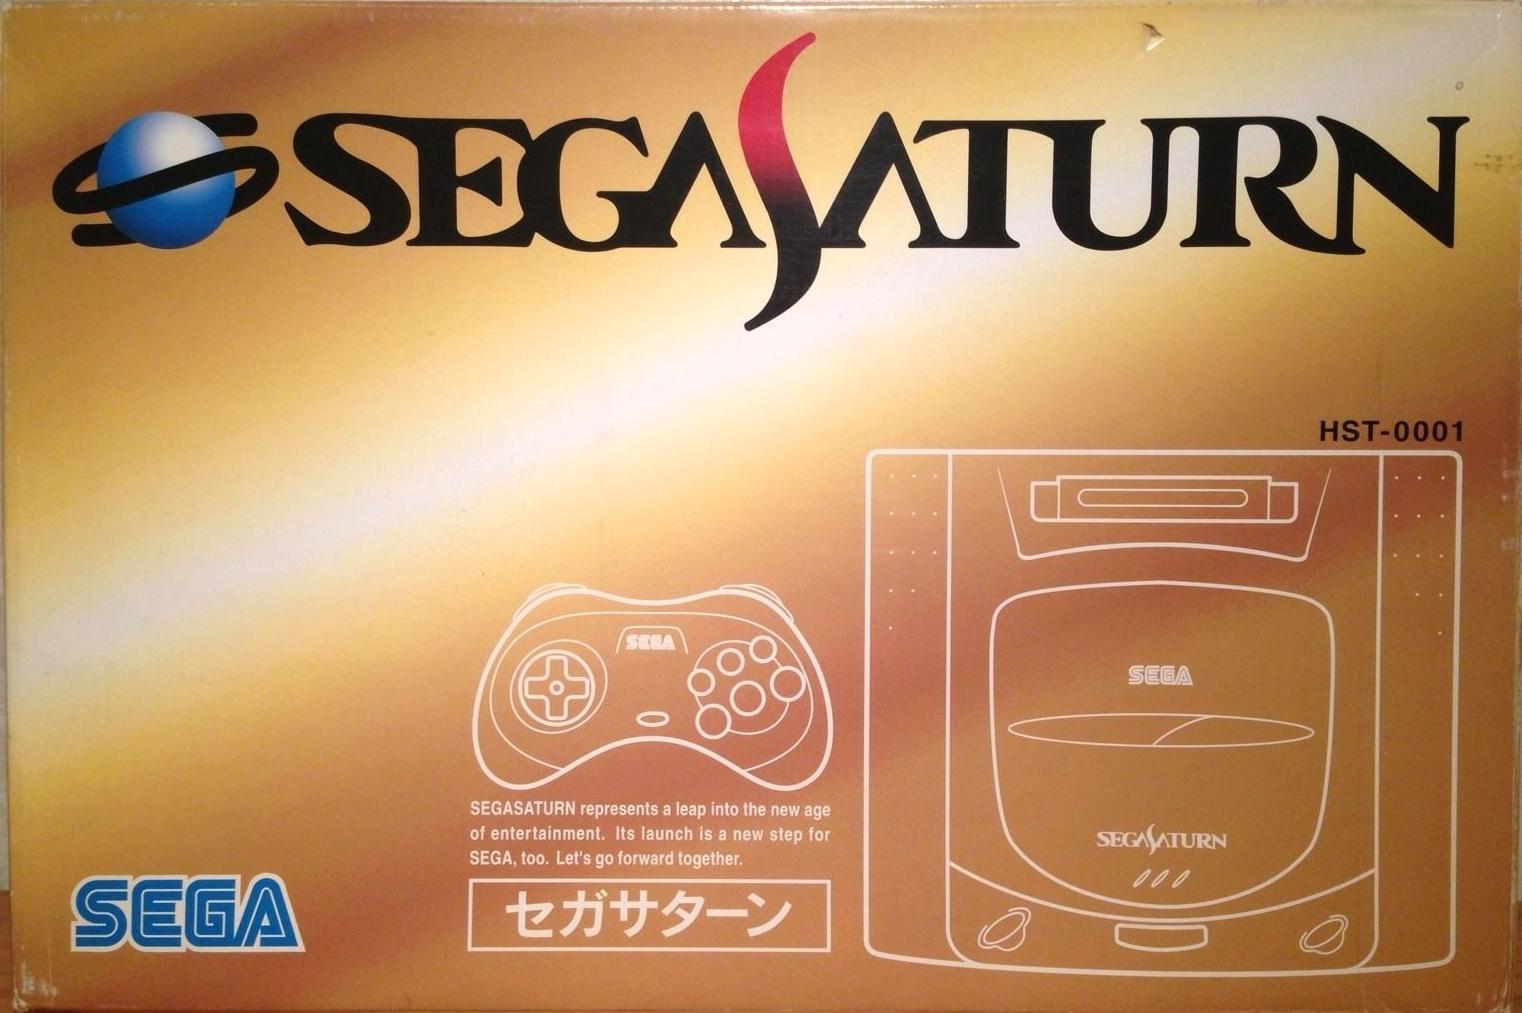 Sega Saturn - Historia[+PESADO][+MUITO PESADO!] Sega_Saturn_model_HST-0001